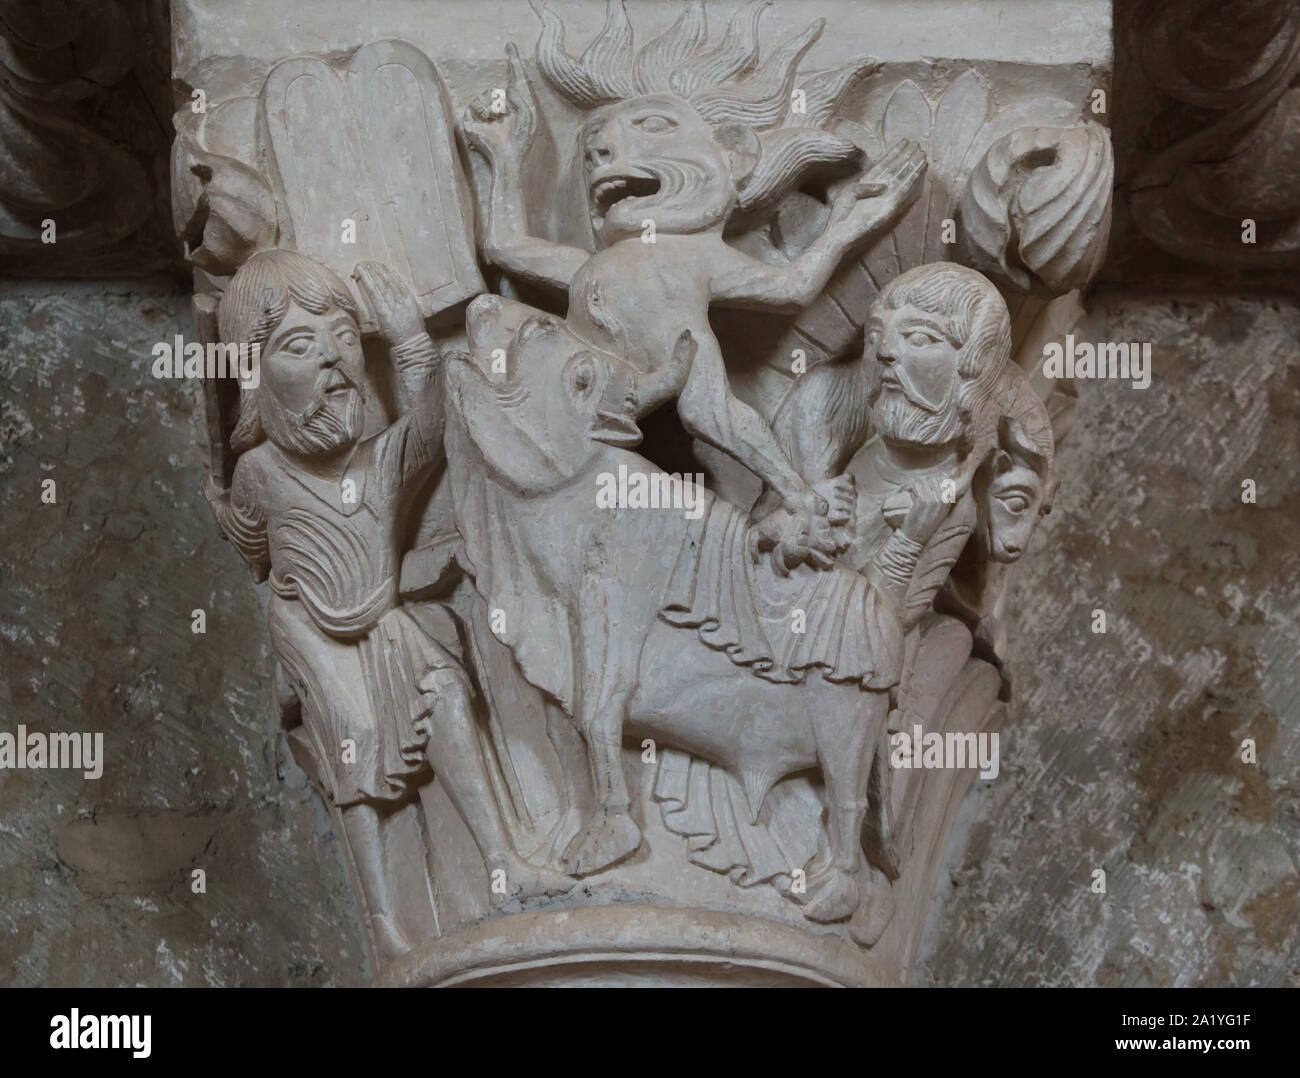 Mosè e il vitello d'oro rappresentato nel capitello romanico risale al xii secolo nella basilica di Santa Maria Maddalena (Basilique Sainte-Marie-Madeleine de Vézelay) di Vézelay Abbey (Abbaye Sainte-Marie-Madeleine de Vézelay) in Vézelay, Borgogna, Francia. Sul Monte Sinai Mosè scopre il suo popolo in adorazione di un idolo del vitello d'oro. Sulla sinistra Mosè contiene fino le tavole del Decalogo e solleva un bastone per distruggere l'idolo, mentre un demone balza fuori dal vitello bocca. Sulla destra un ebreo porta un ariete per il sacrificio. Foto Stock